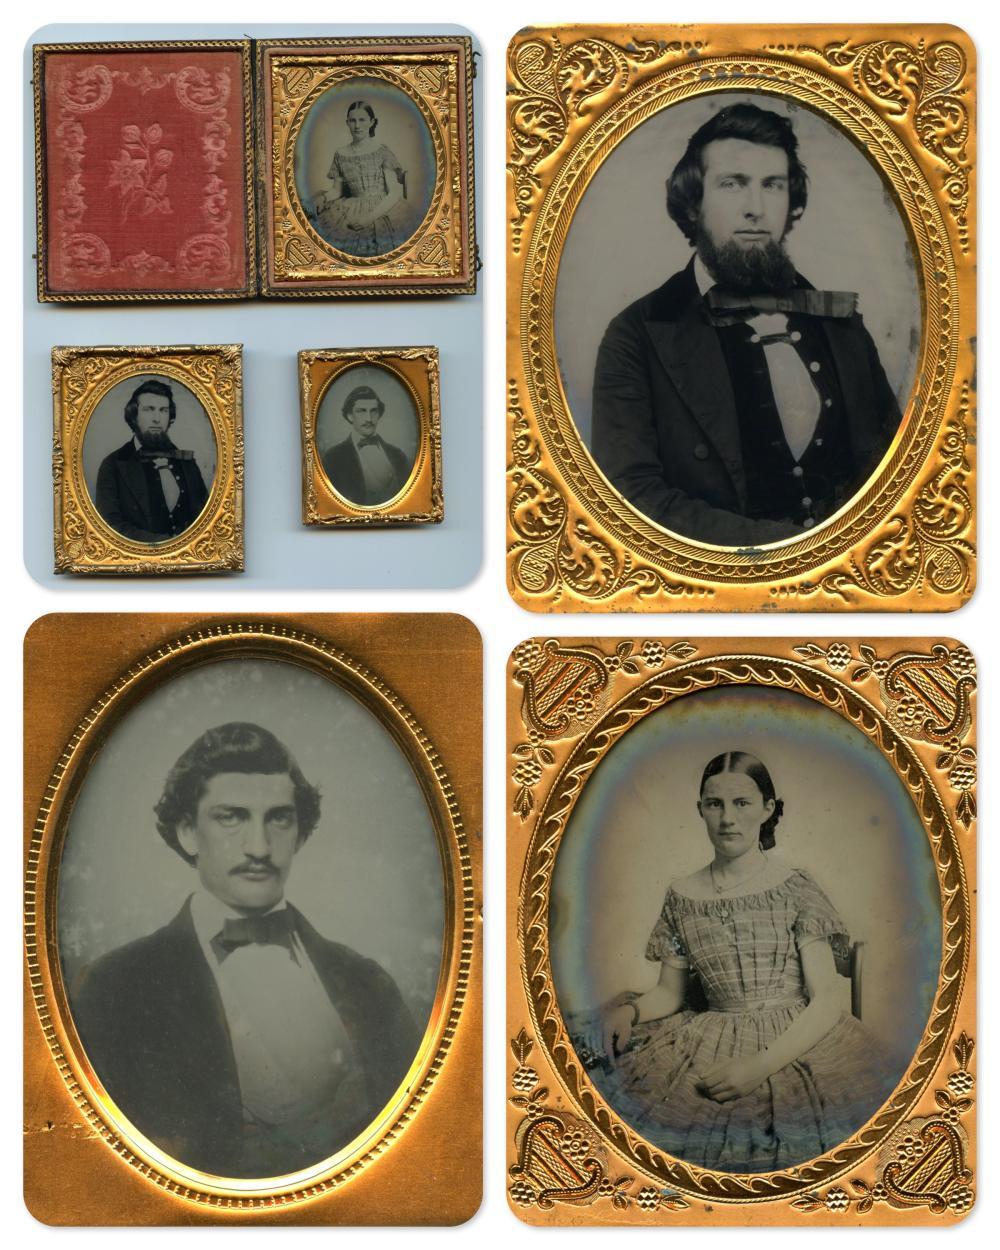 Three Portraits, One Relievo Ambrotype